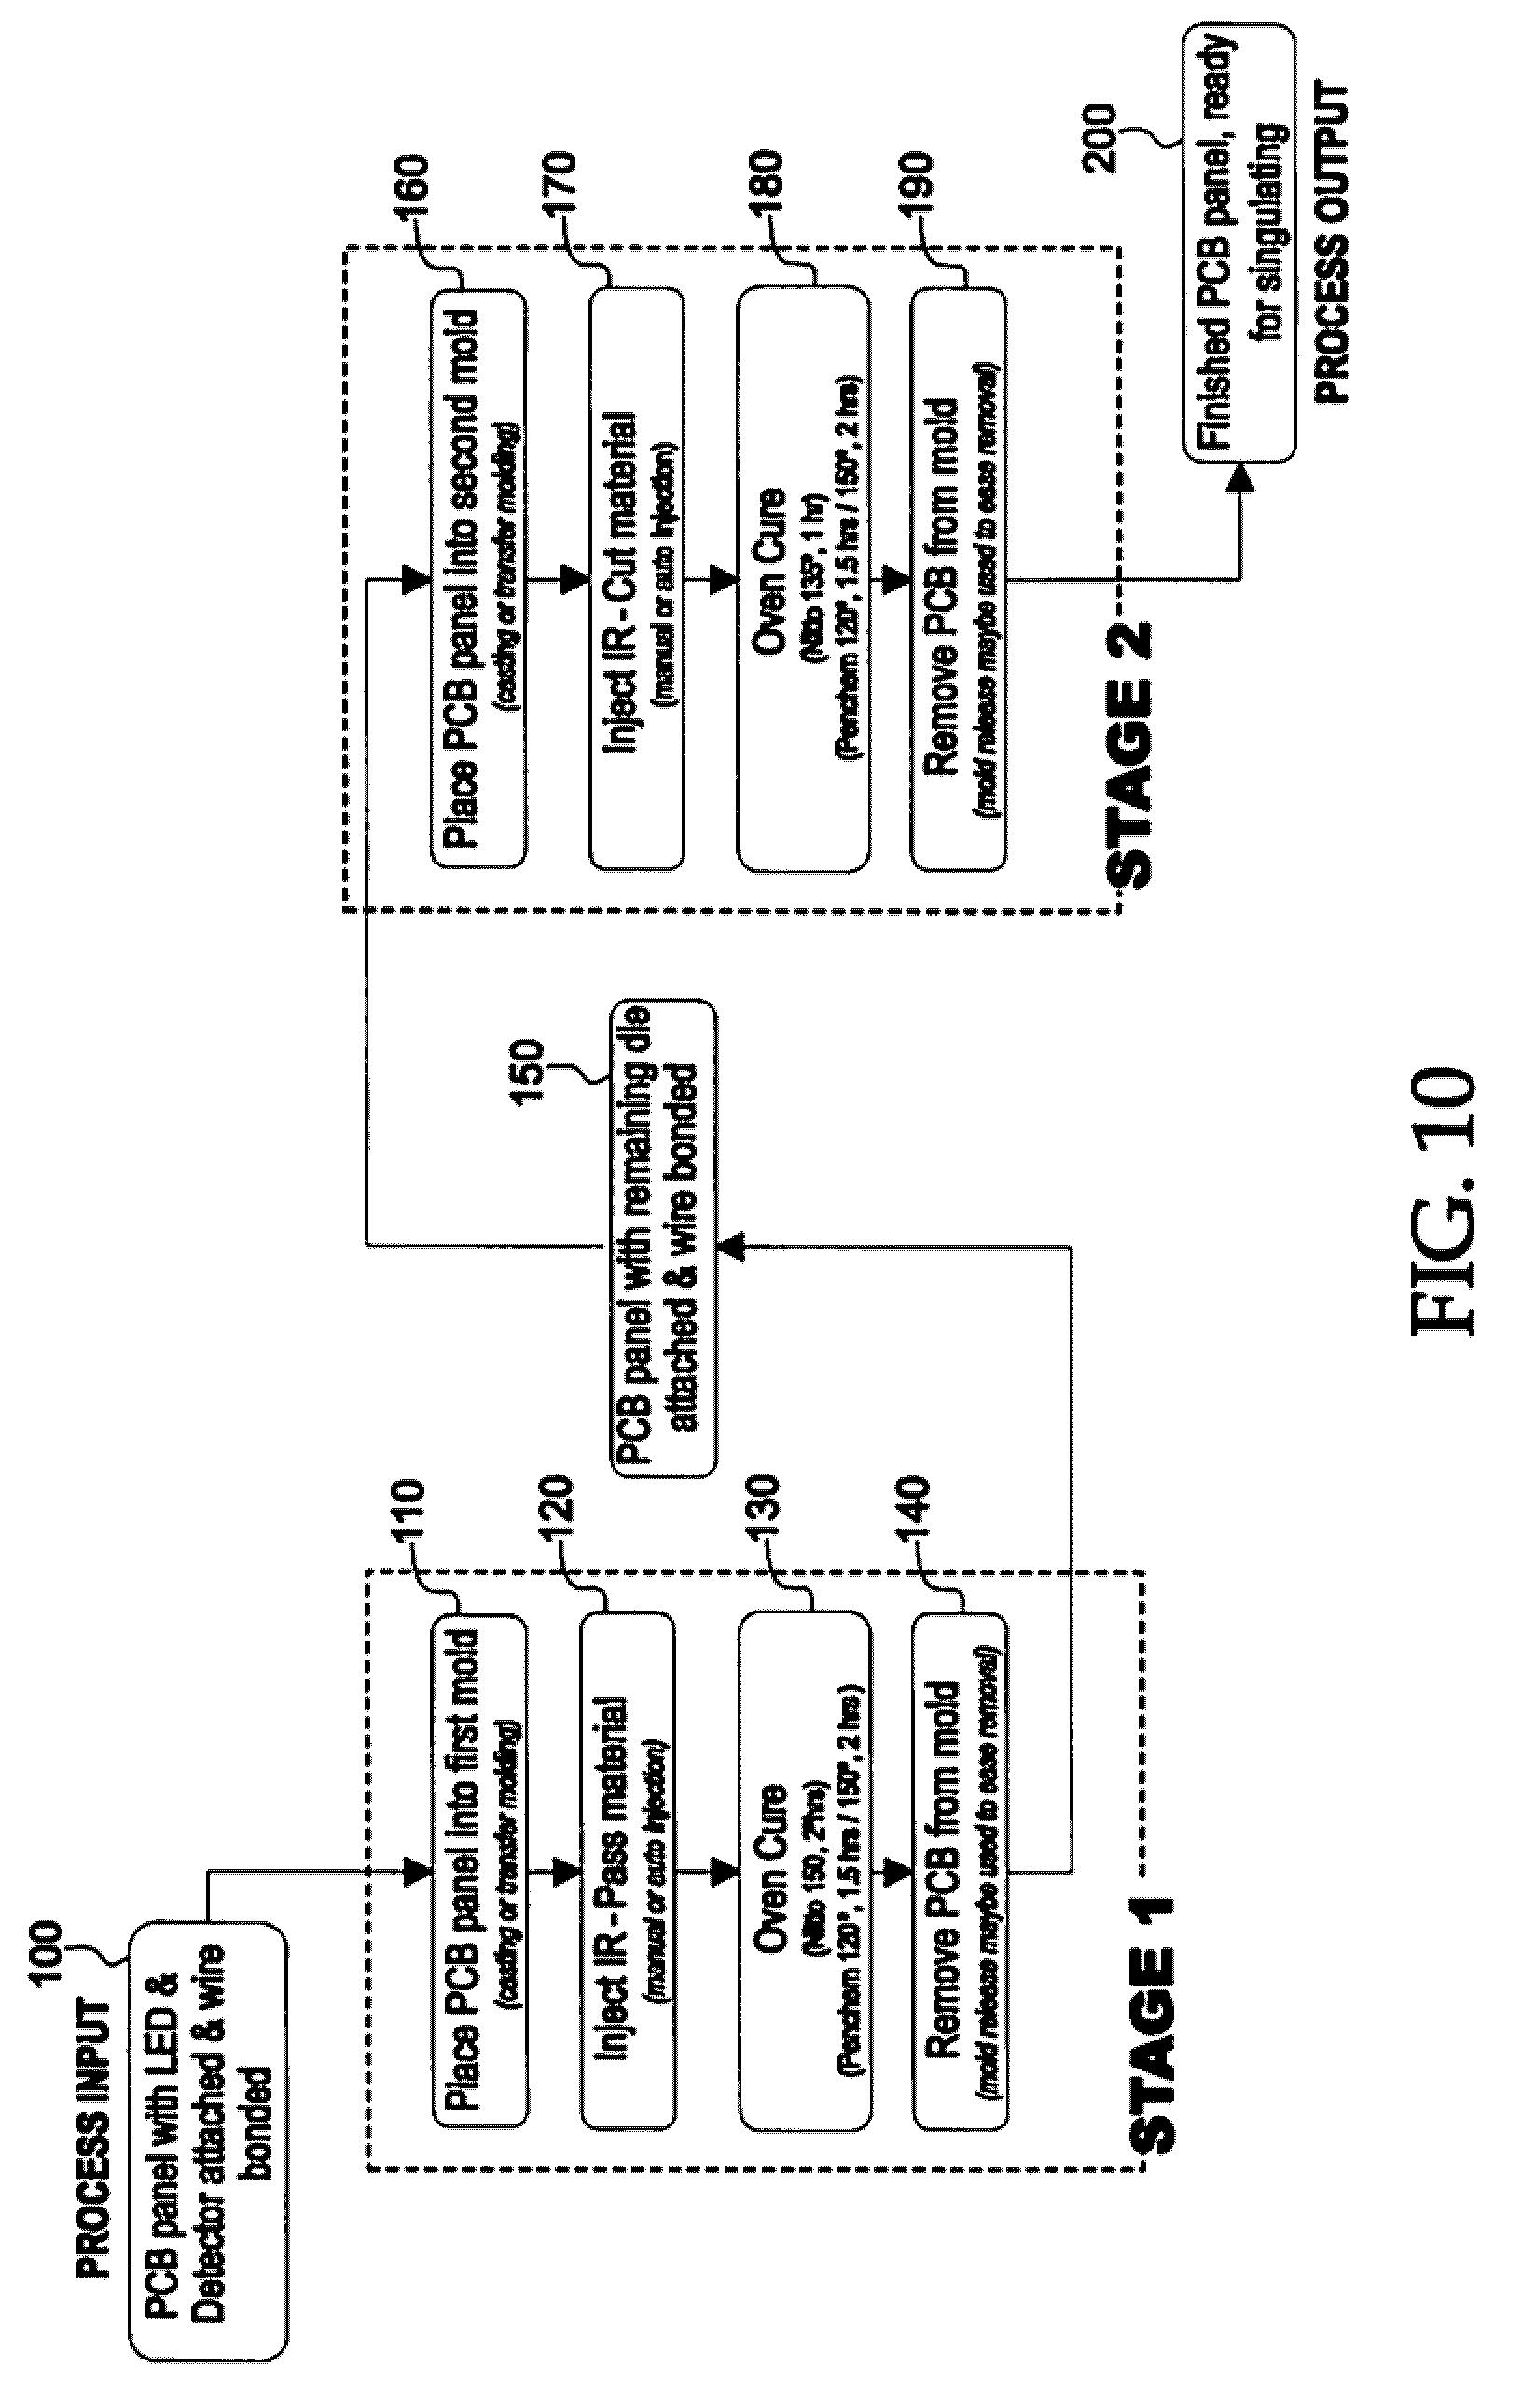 patent us20100327164